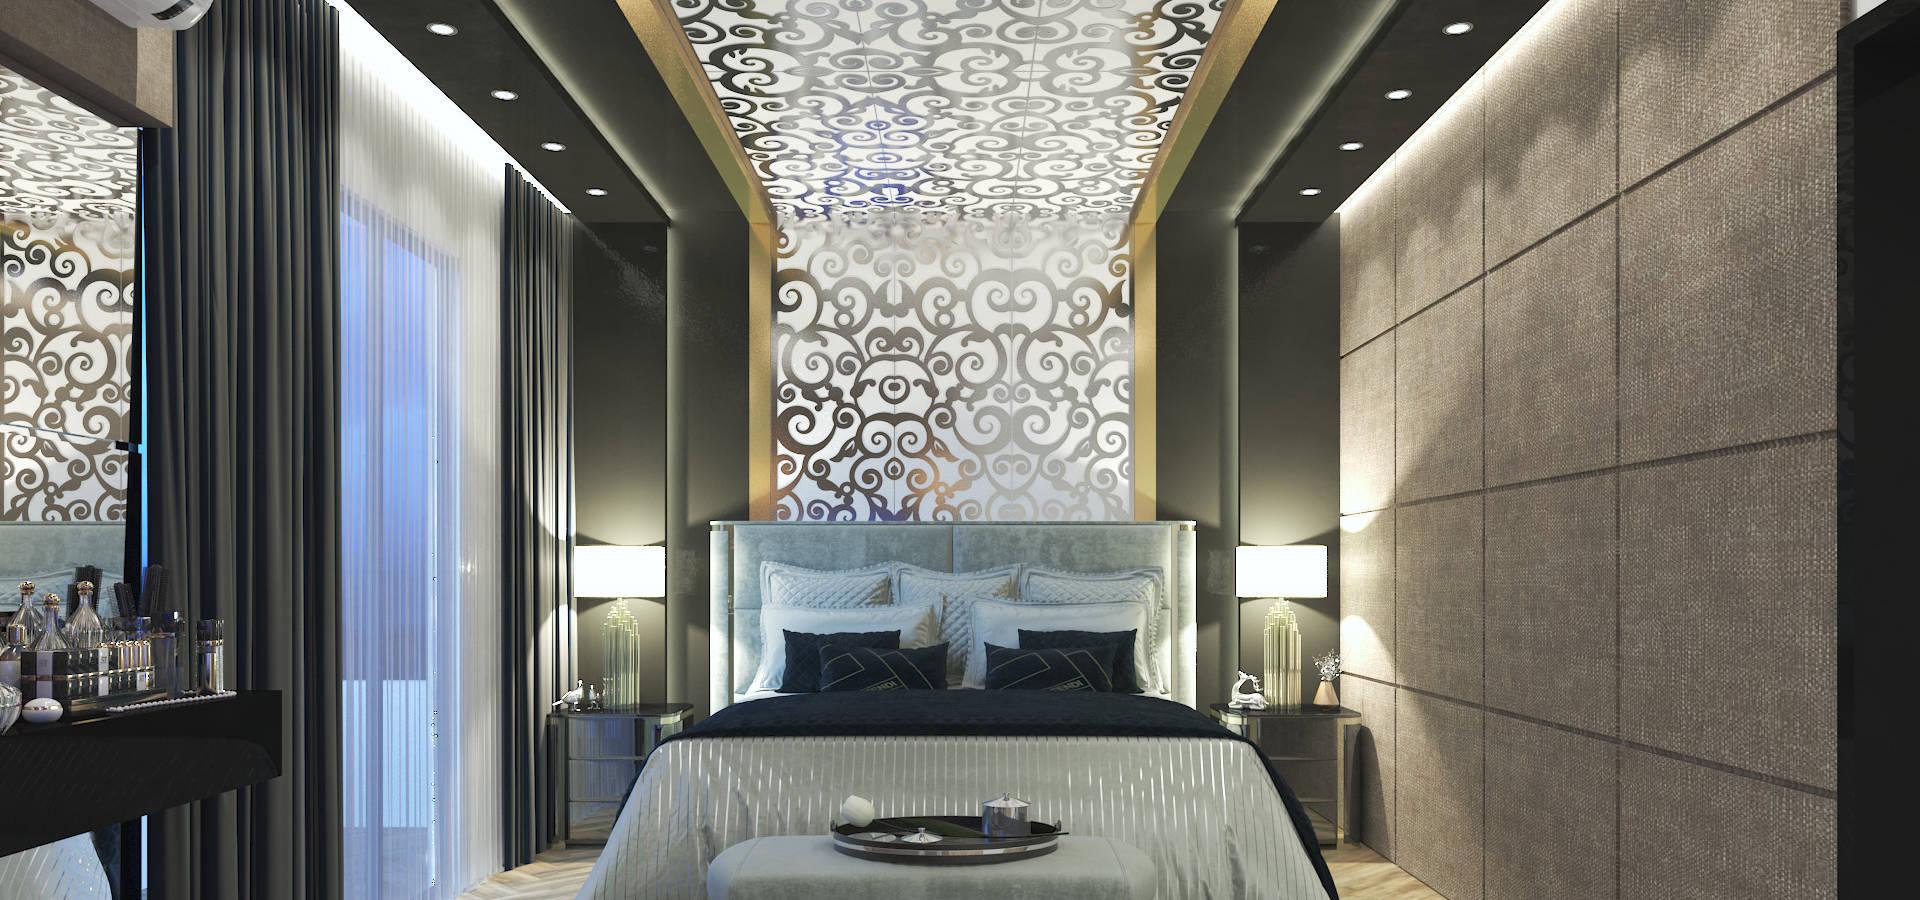 Interior & exterior design